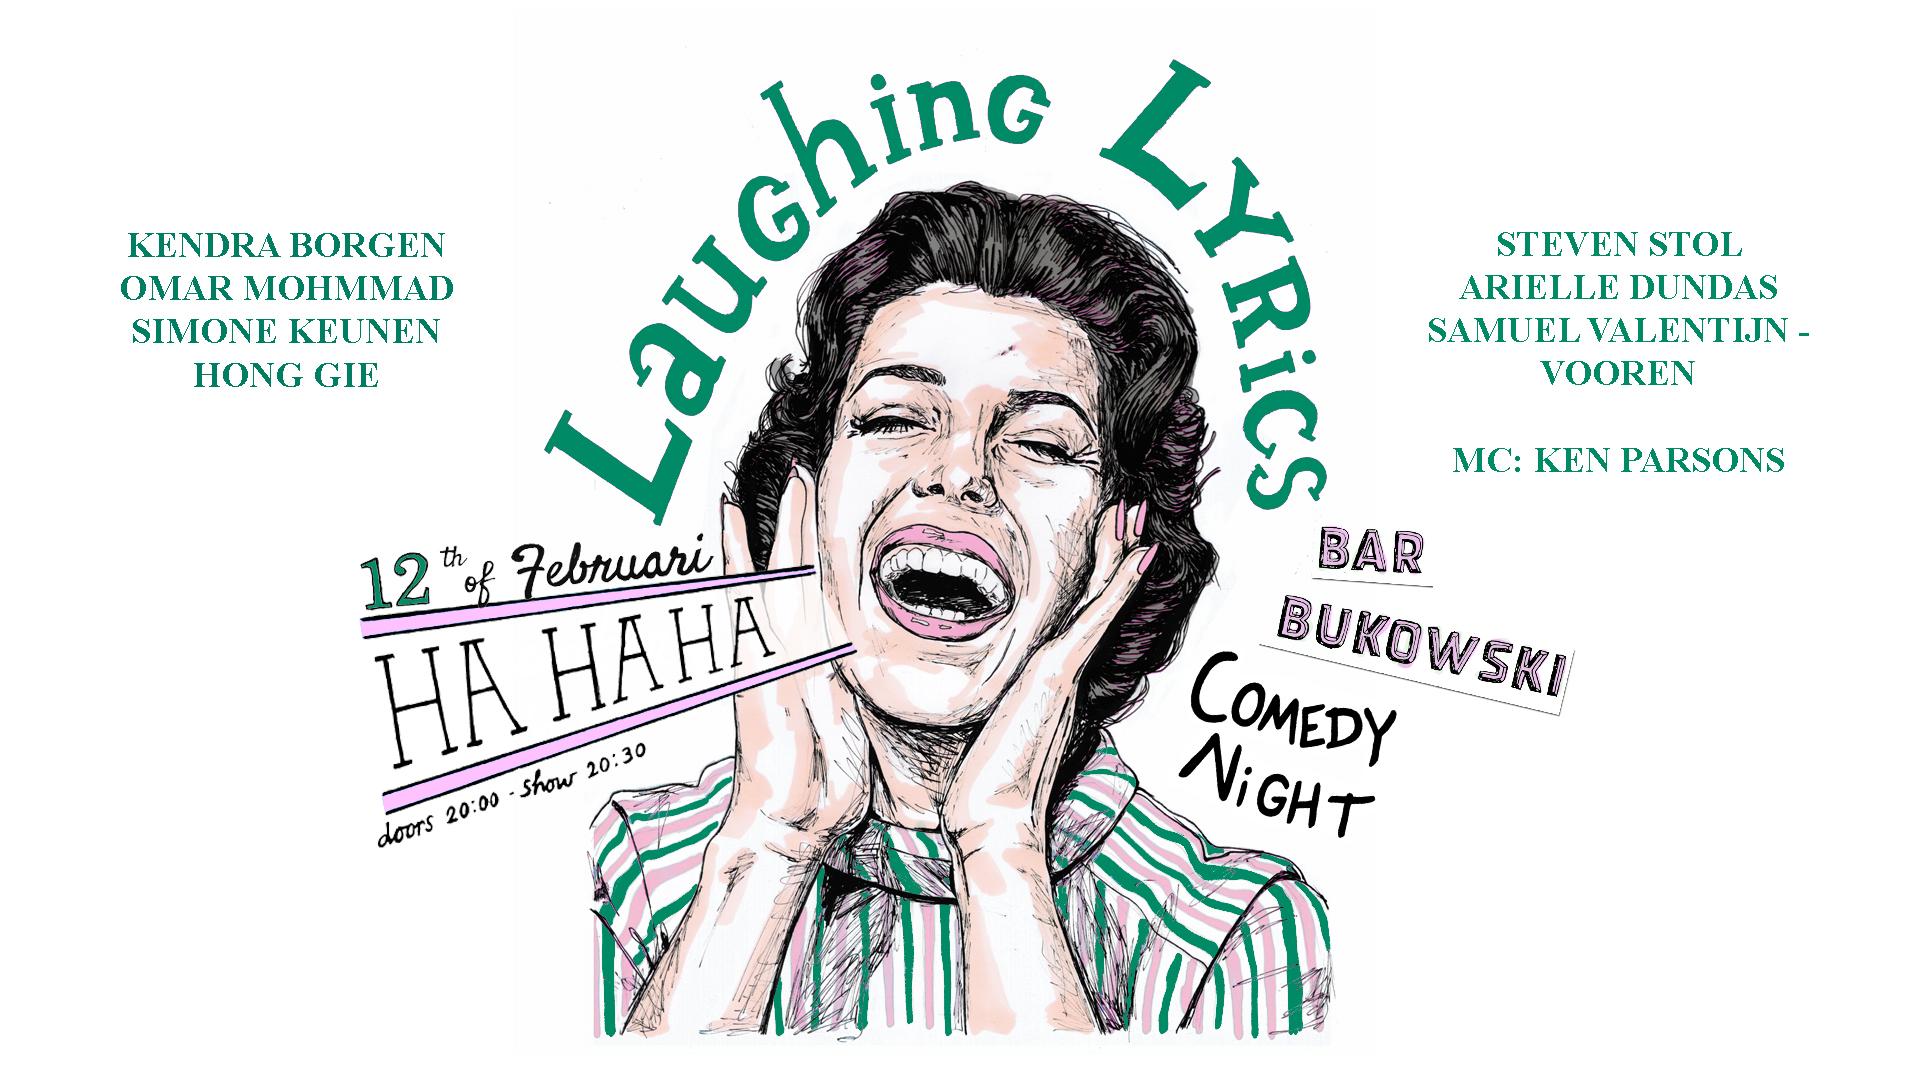 Ticket kopen voor evenement Laughing Lyrics Comedy Night